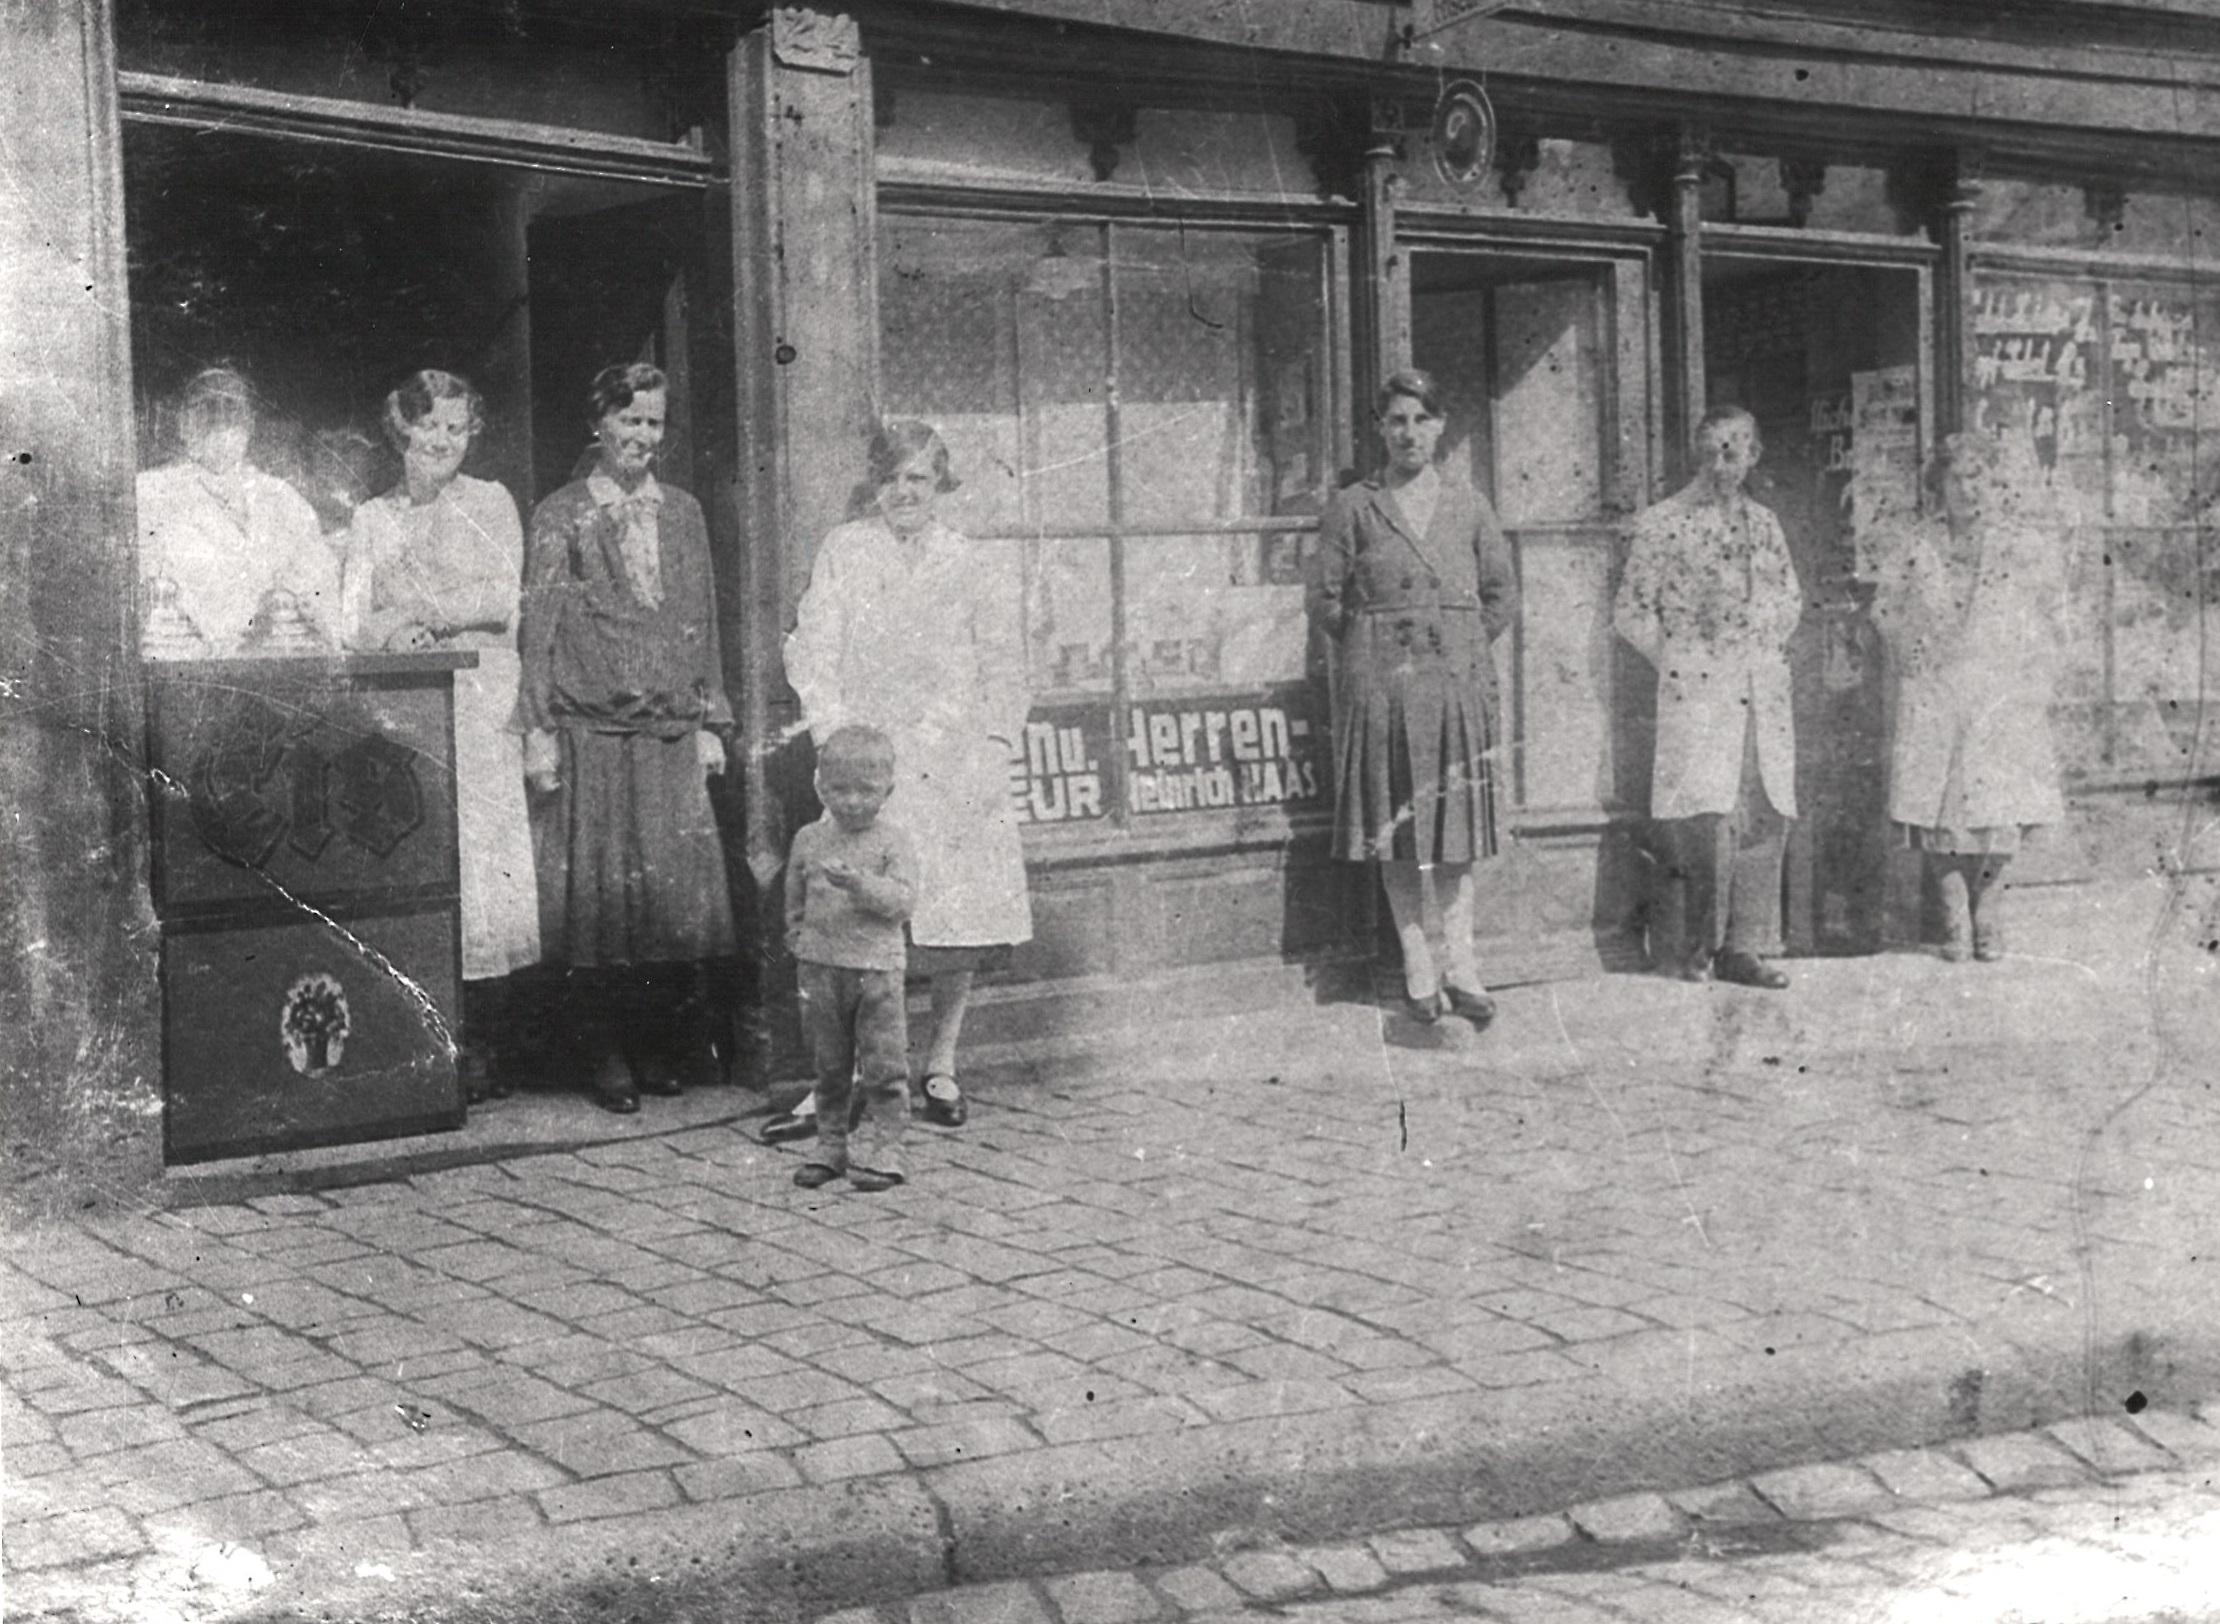 Speiseeisherstellung und -verkauf Jean Pullmann, Holzstraße 22, daneben Friseurmeister Heinrich Haas, Holzstraße 10, 1940/43, StadtA DA Best. 53